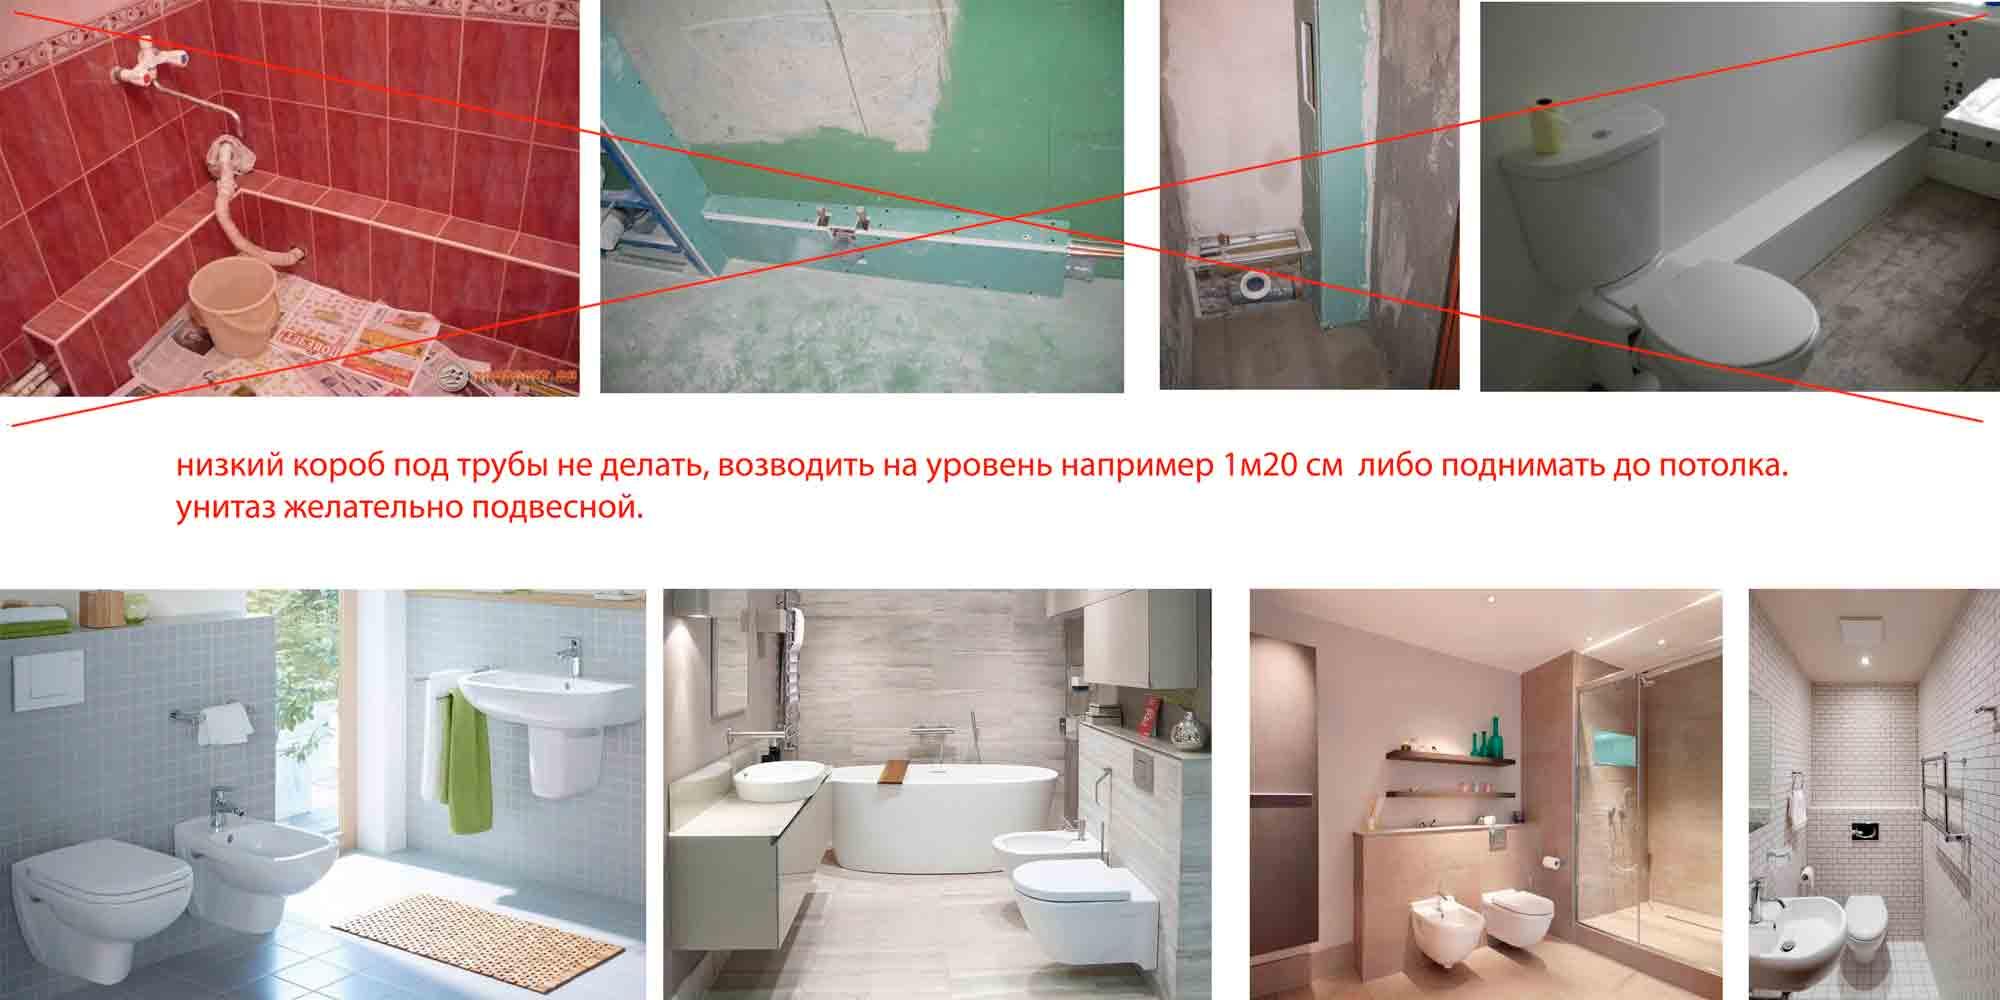 Как избежать грубых ошибок при ремонте квартиры